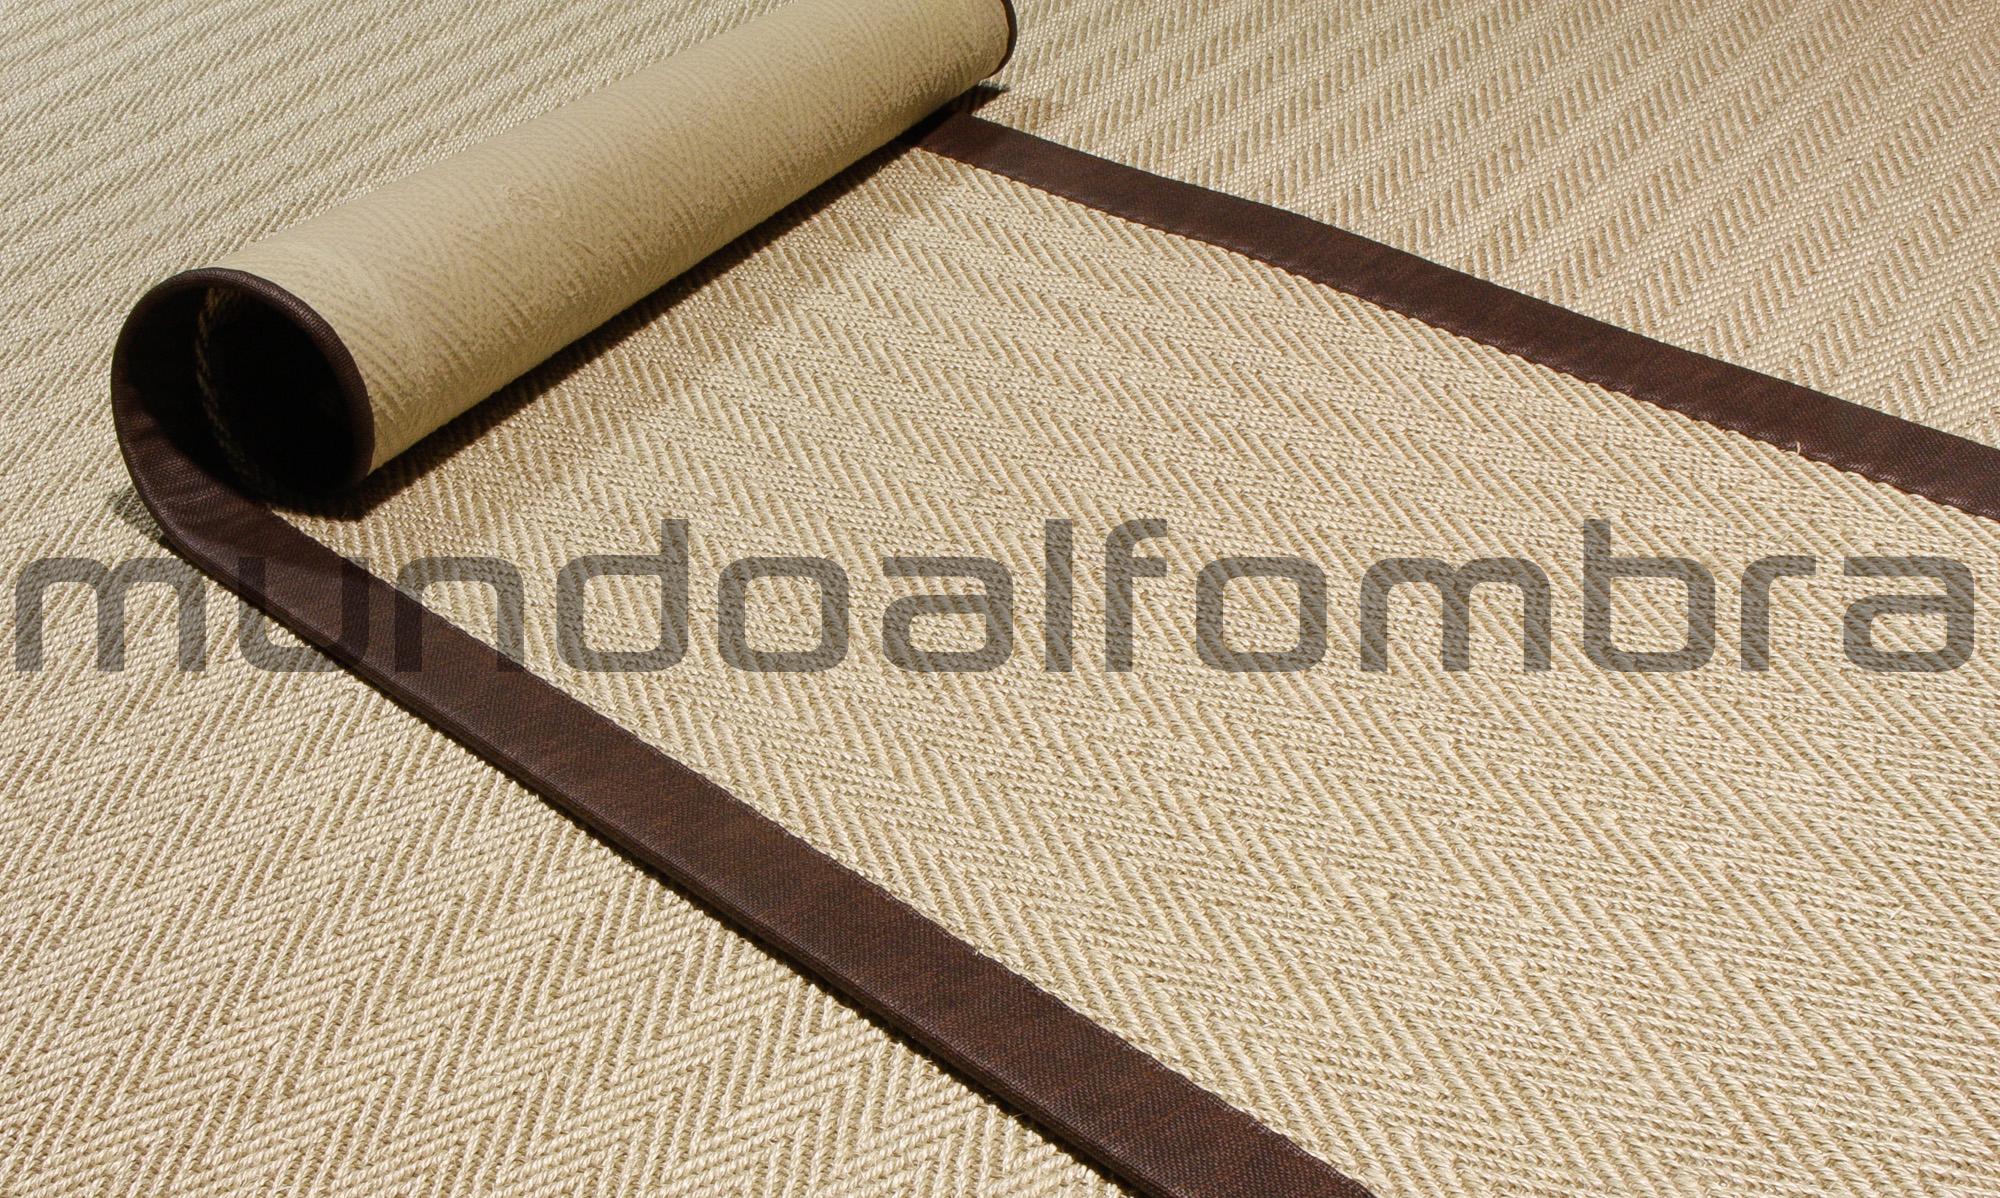 alfombra sisal modelo Menorca disponible en mundoalfombra.com